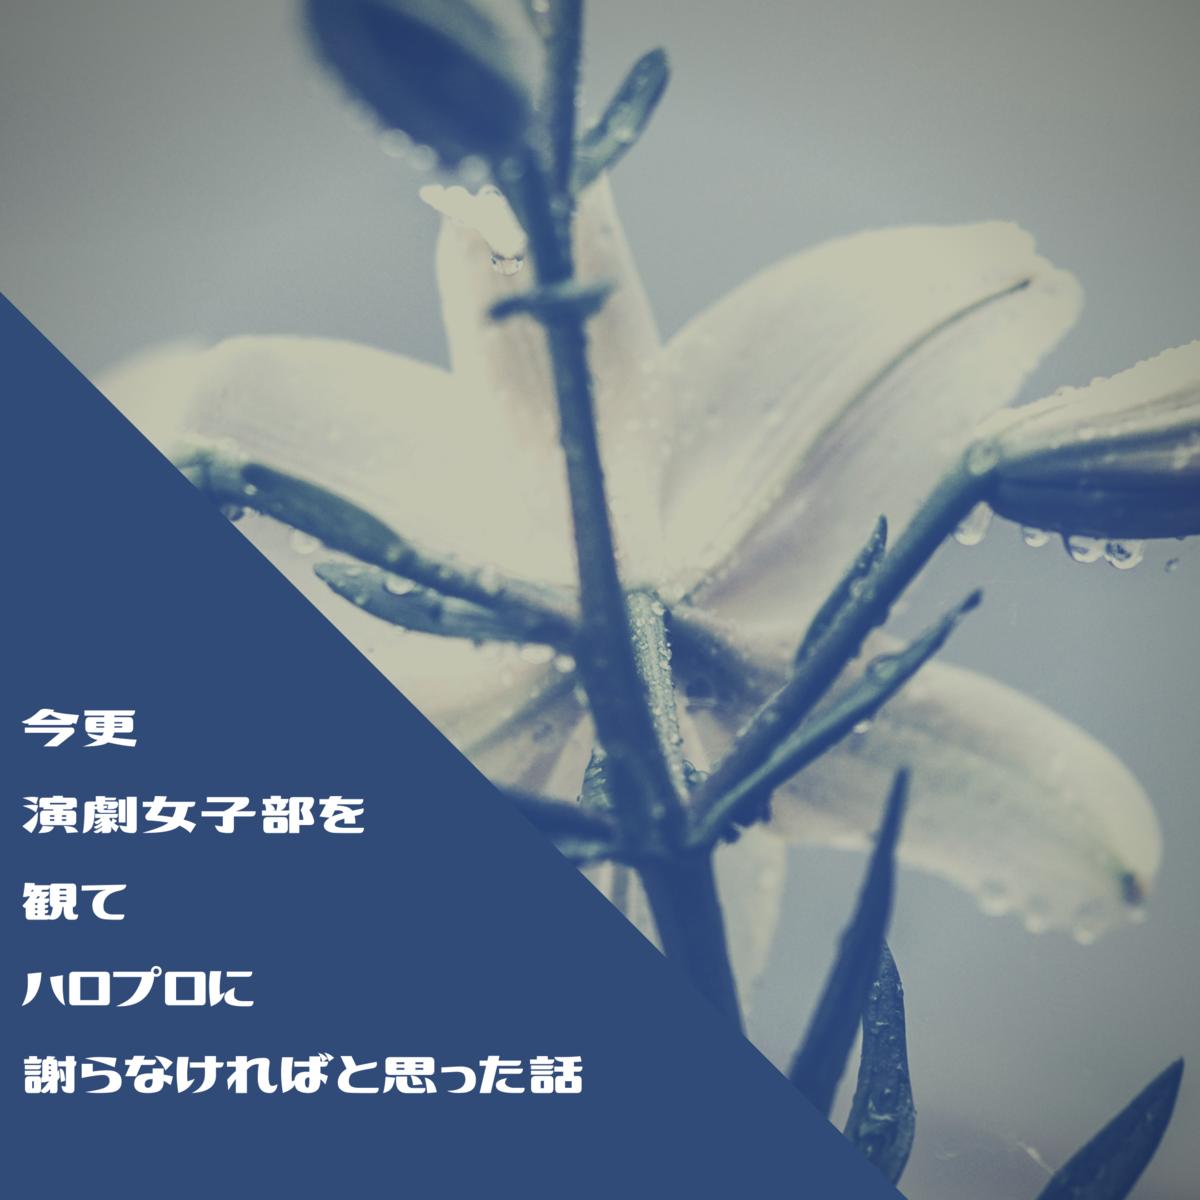 f:id:tsukino25:20200804062722p:plain